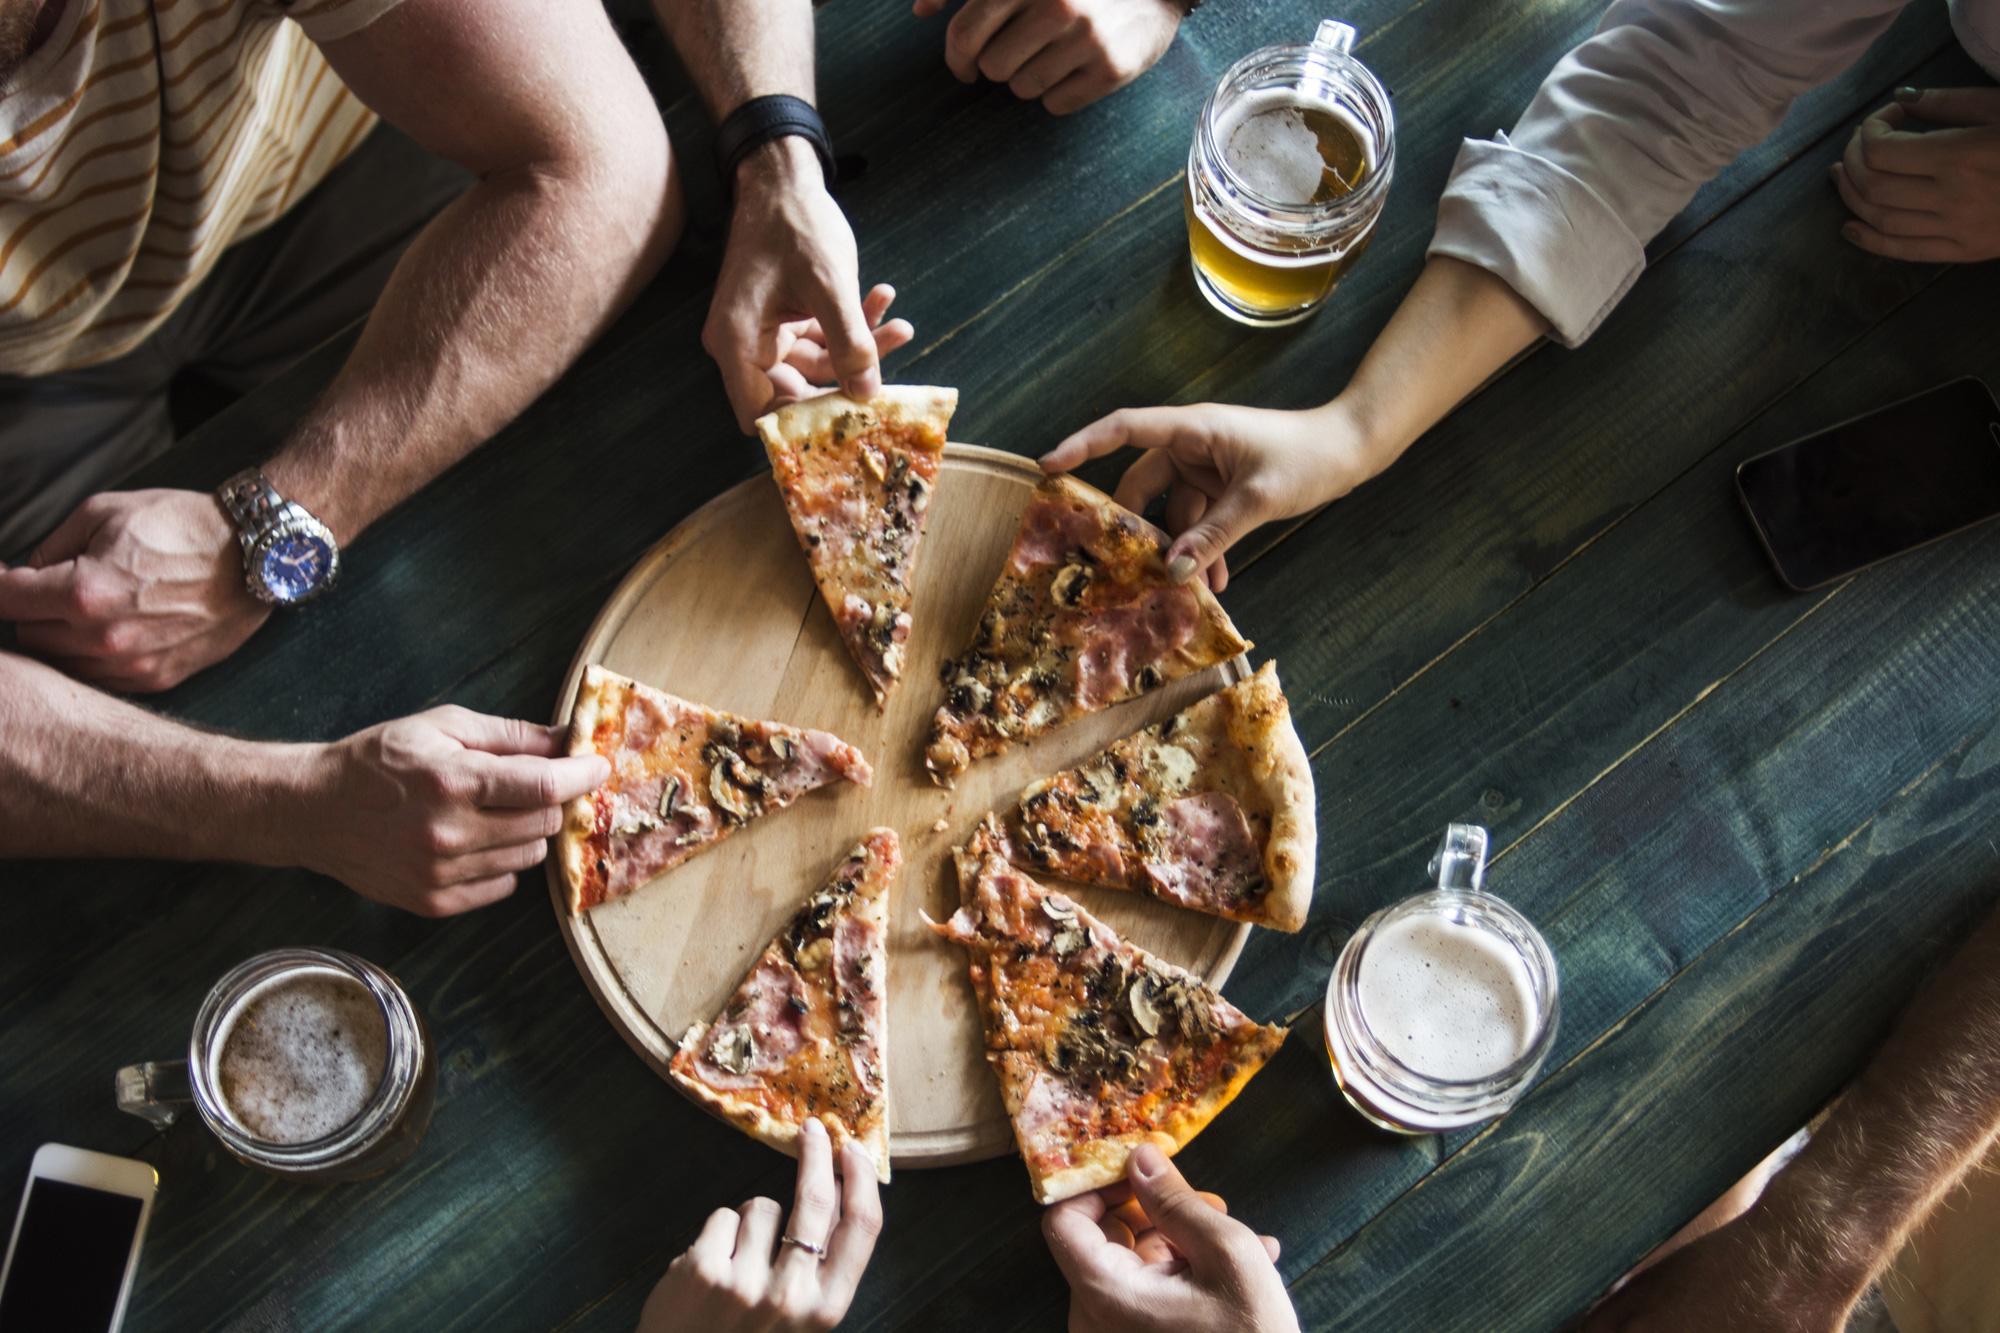 Đố bạn biết, vì sao pizza có hình tròn nhưng lại được đựng trong hộp vuông và cắt theo hình tam giác? - Ảnh 1.